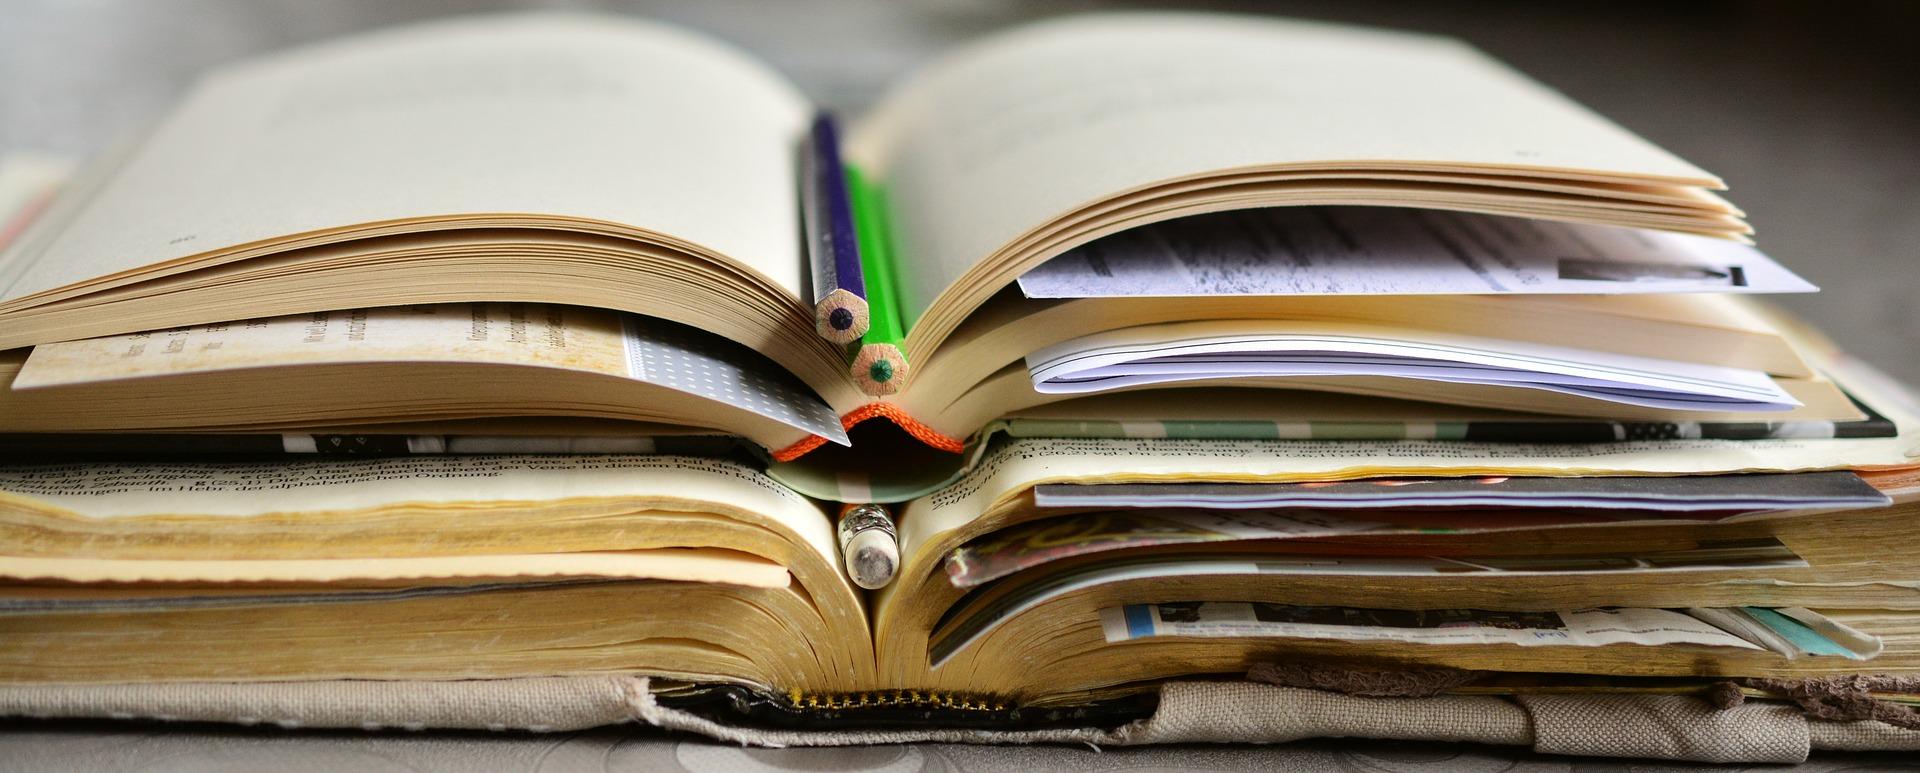 books-2158737_1920.jpg